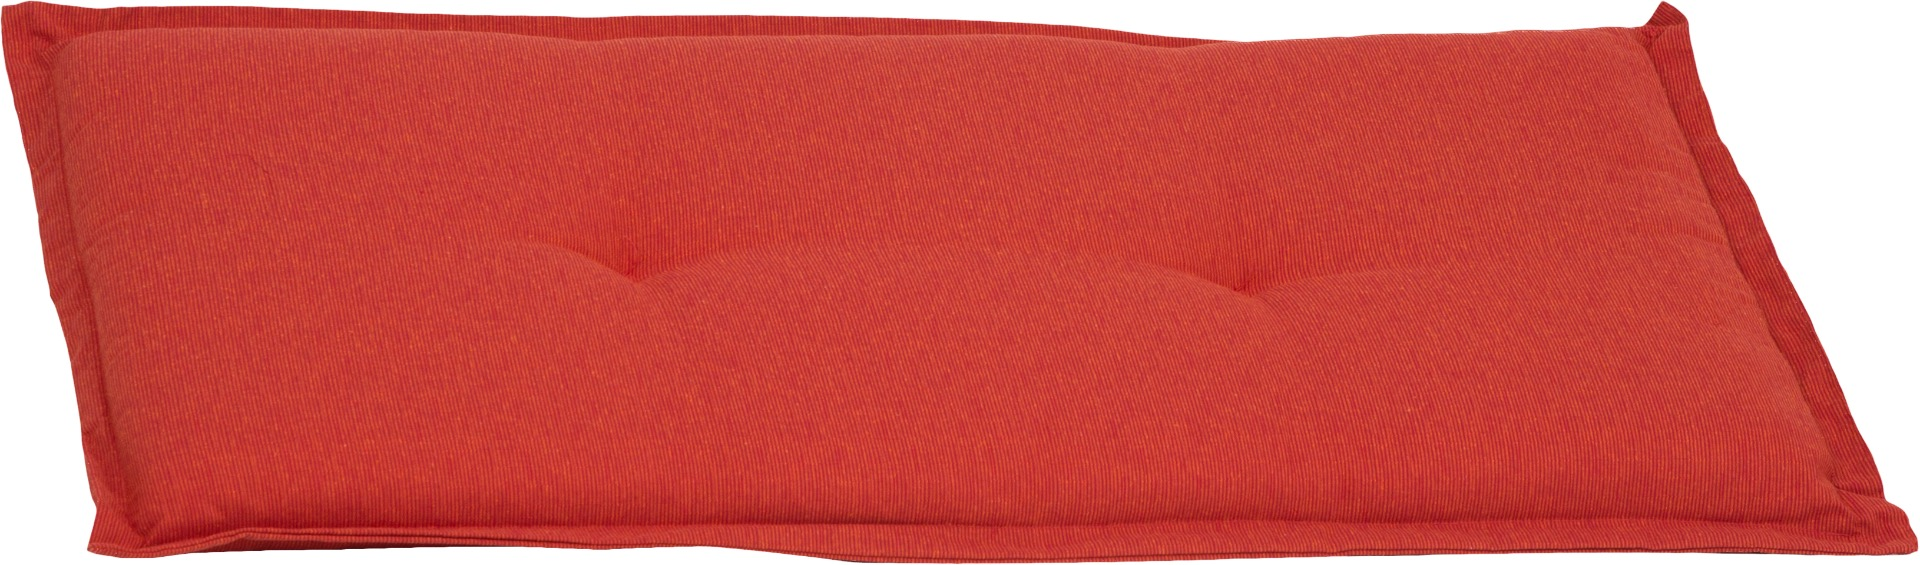 Bankauflage 2-Sitzer Sitzkissen ca. 100x45x6 cm orange meliert